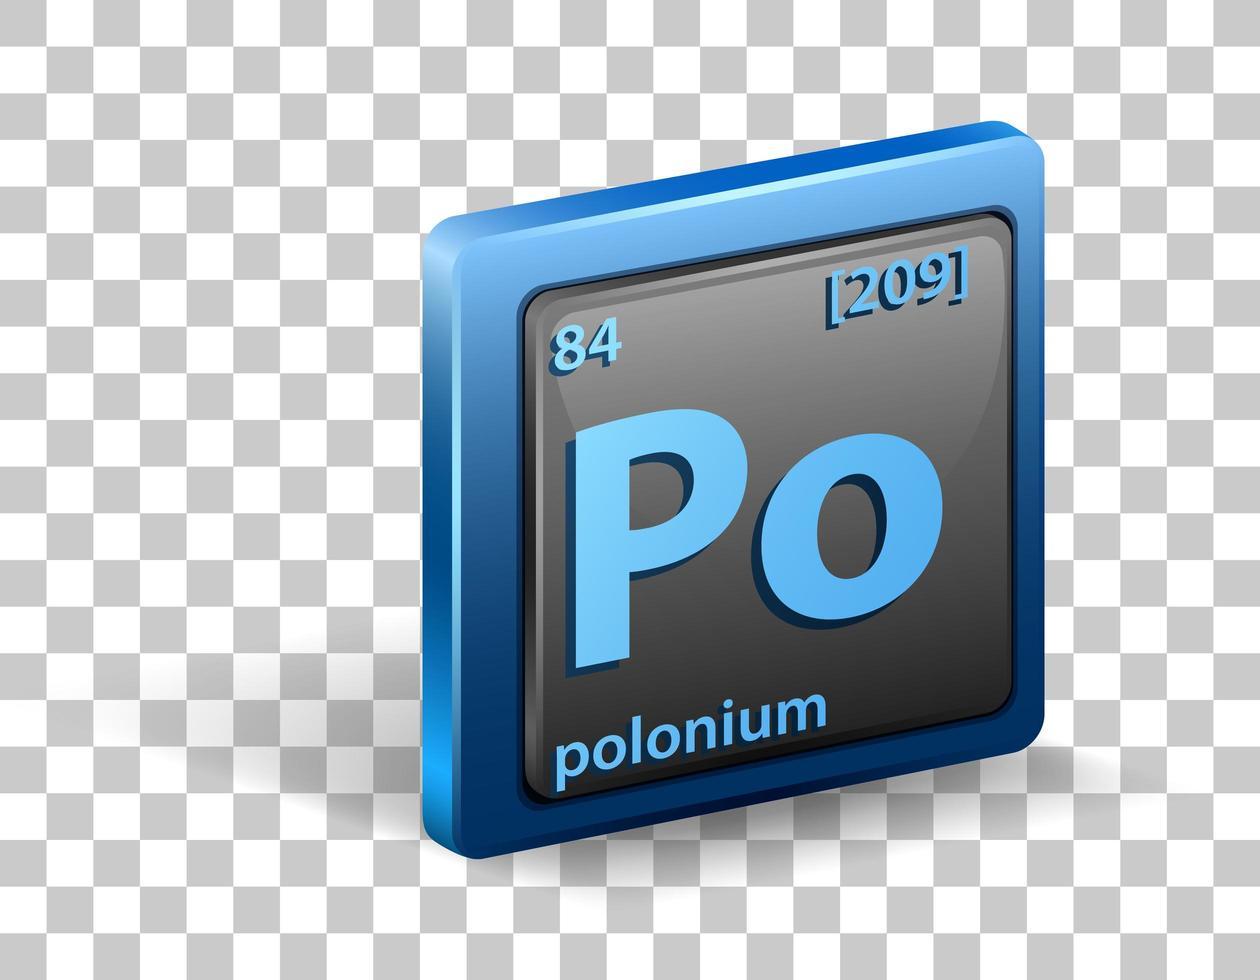 elemento químico polônio. símbolo químico com número atômico e massa atômica. vetor